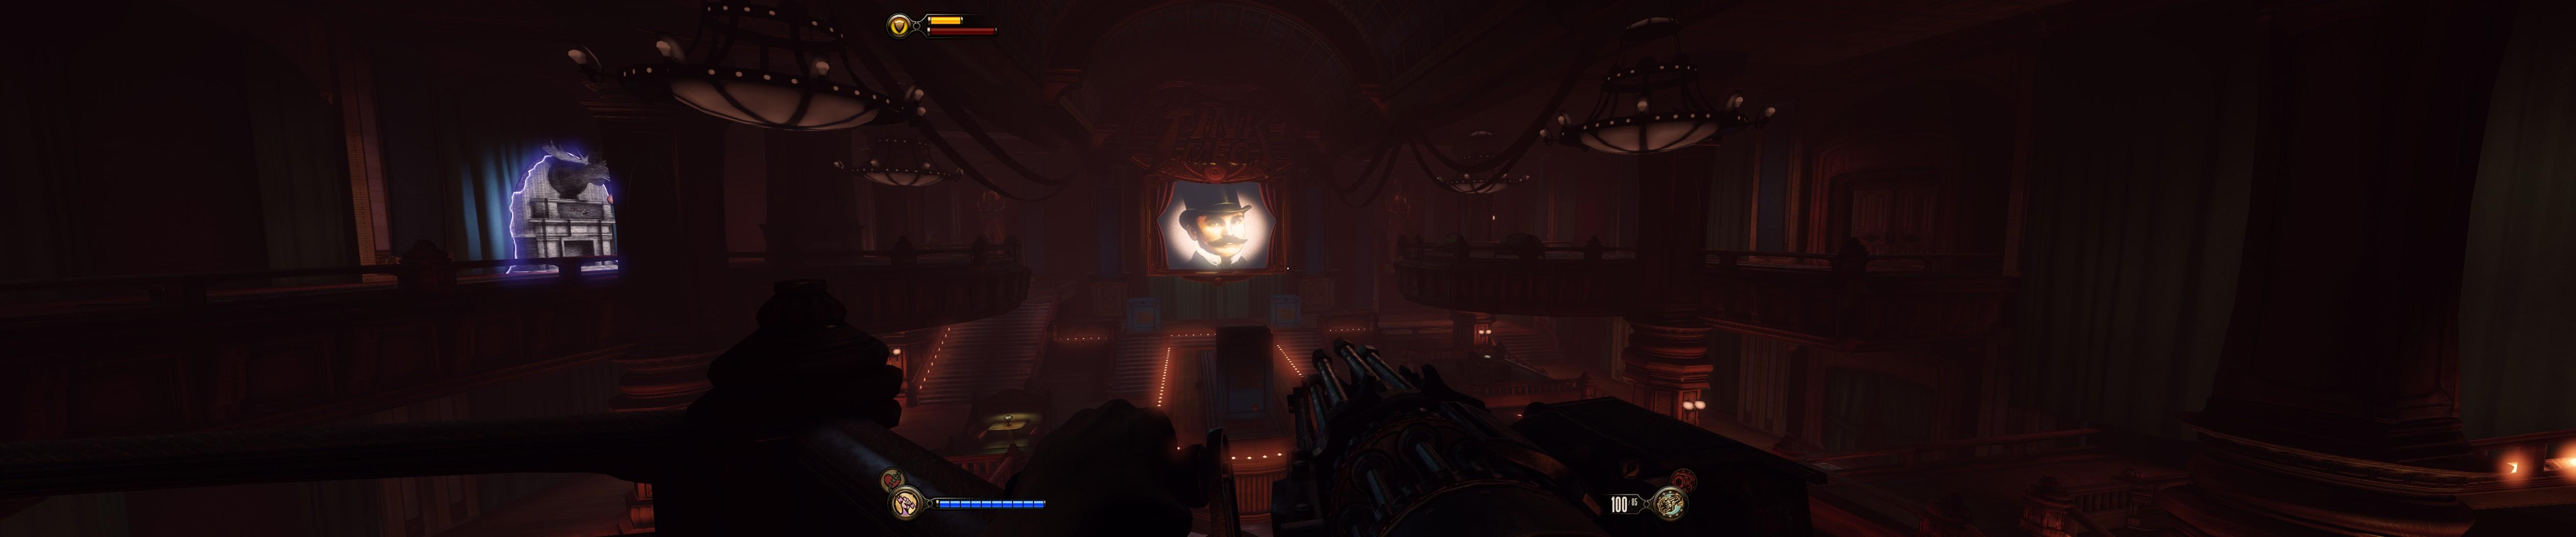 Bioshock_Infinite_2013-05-14_00022